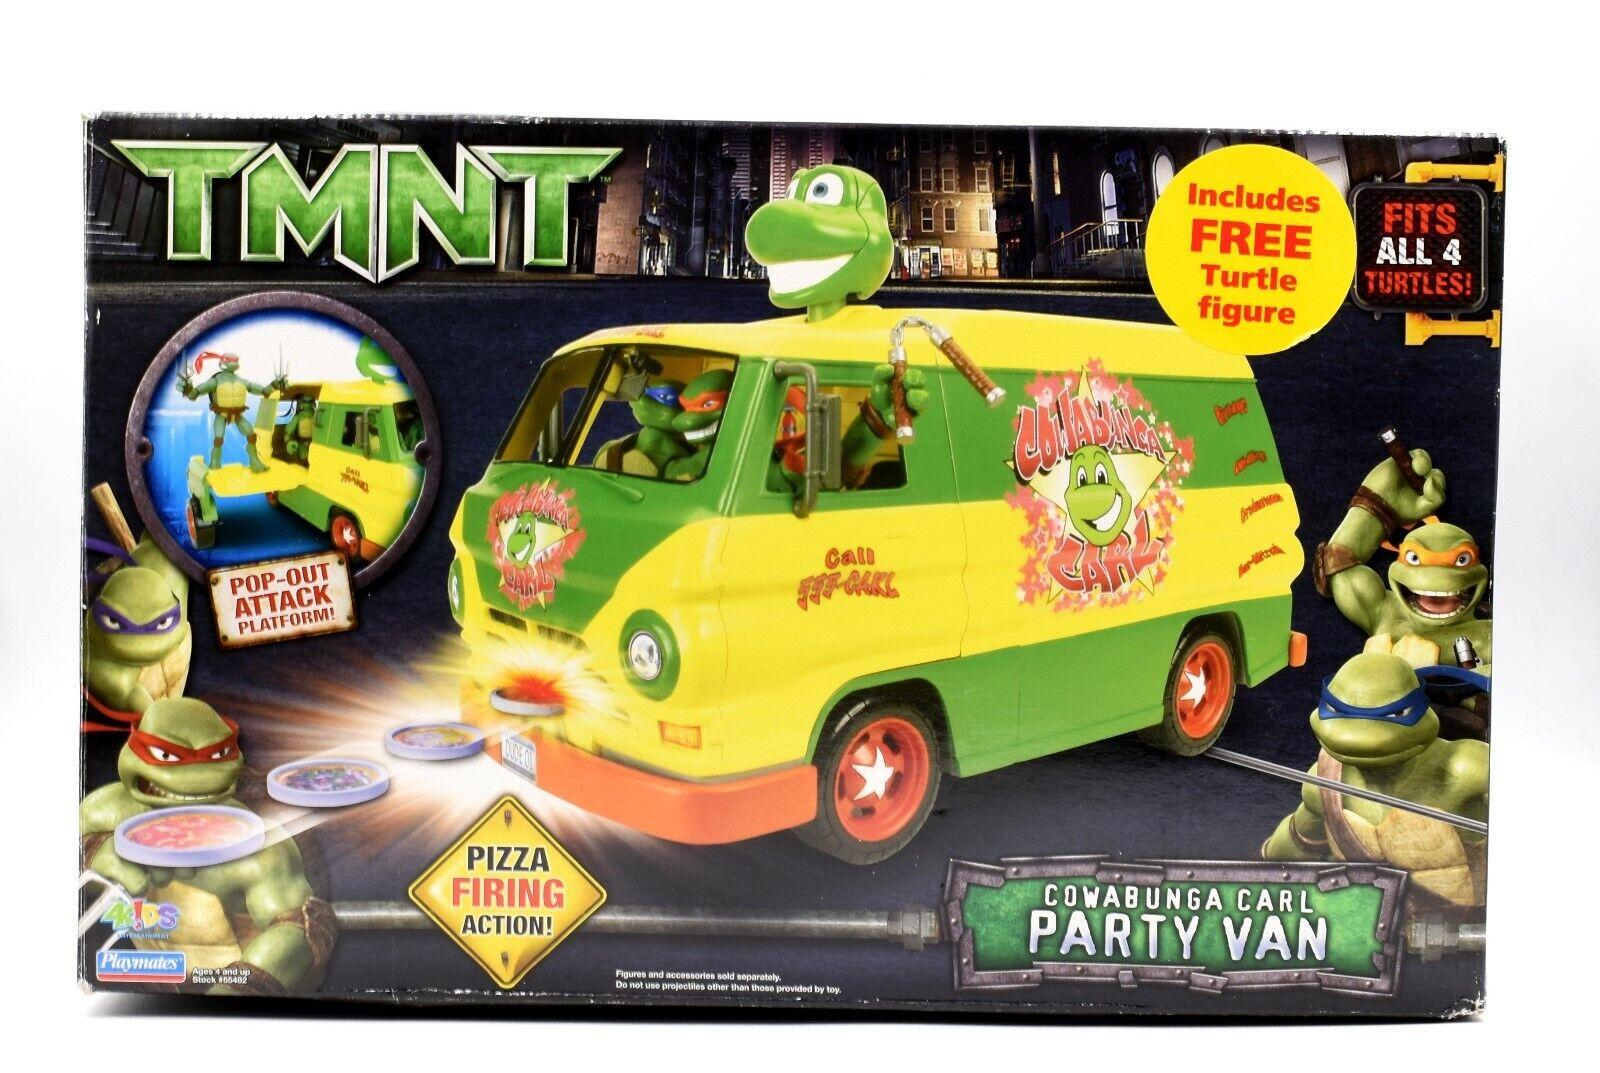 Teenage Mutant Ninja Turtles TMNT Movie - Cowabunga Carl Party Van Wagon